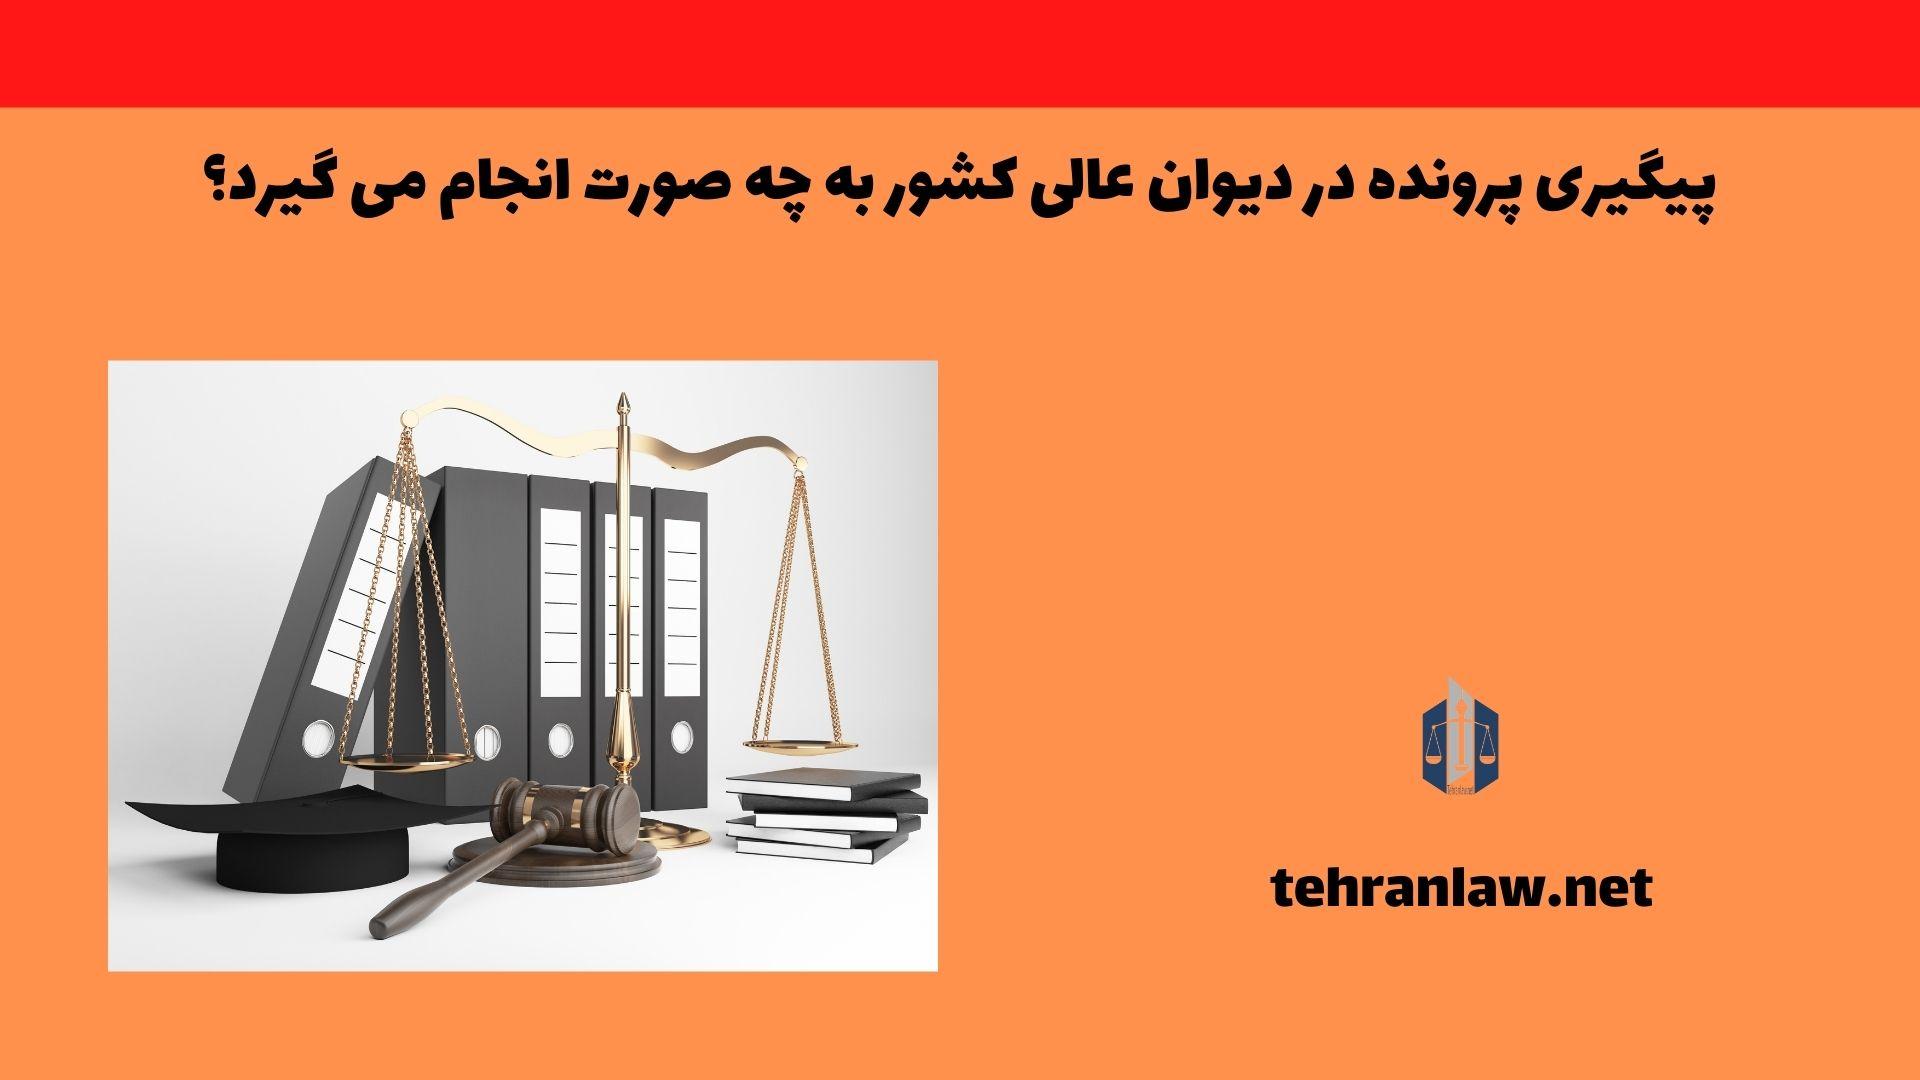 پیگیری پرونده در دیوان عالی کشور به چه صورت انجام می گیرد؟